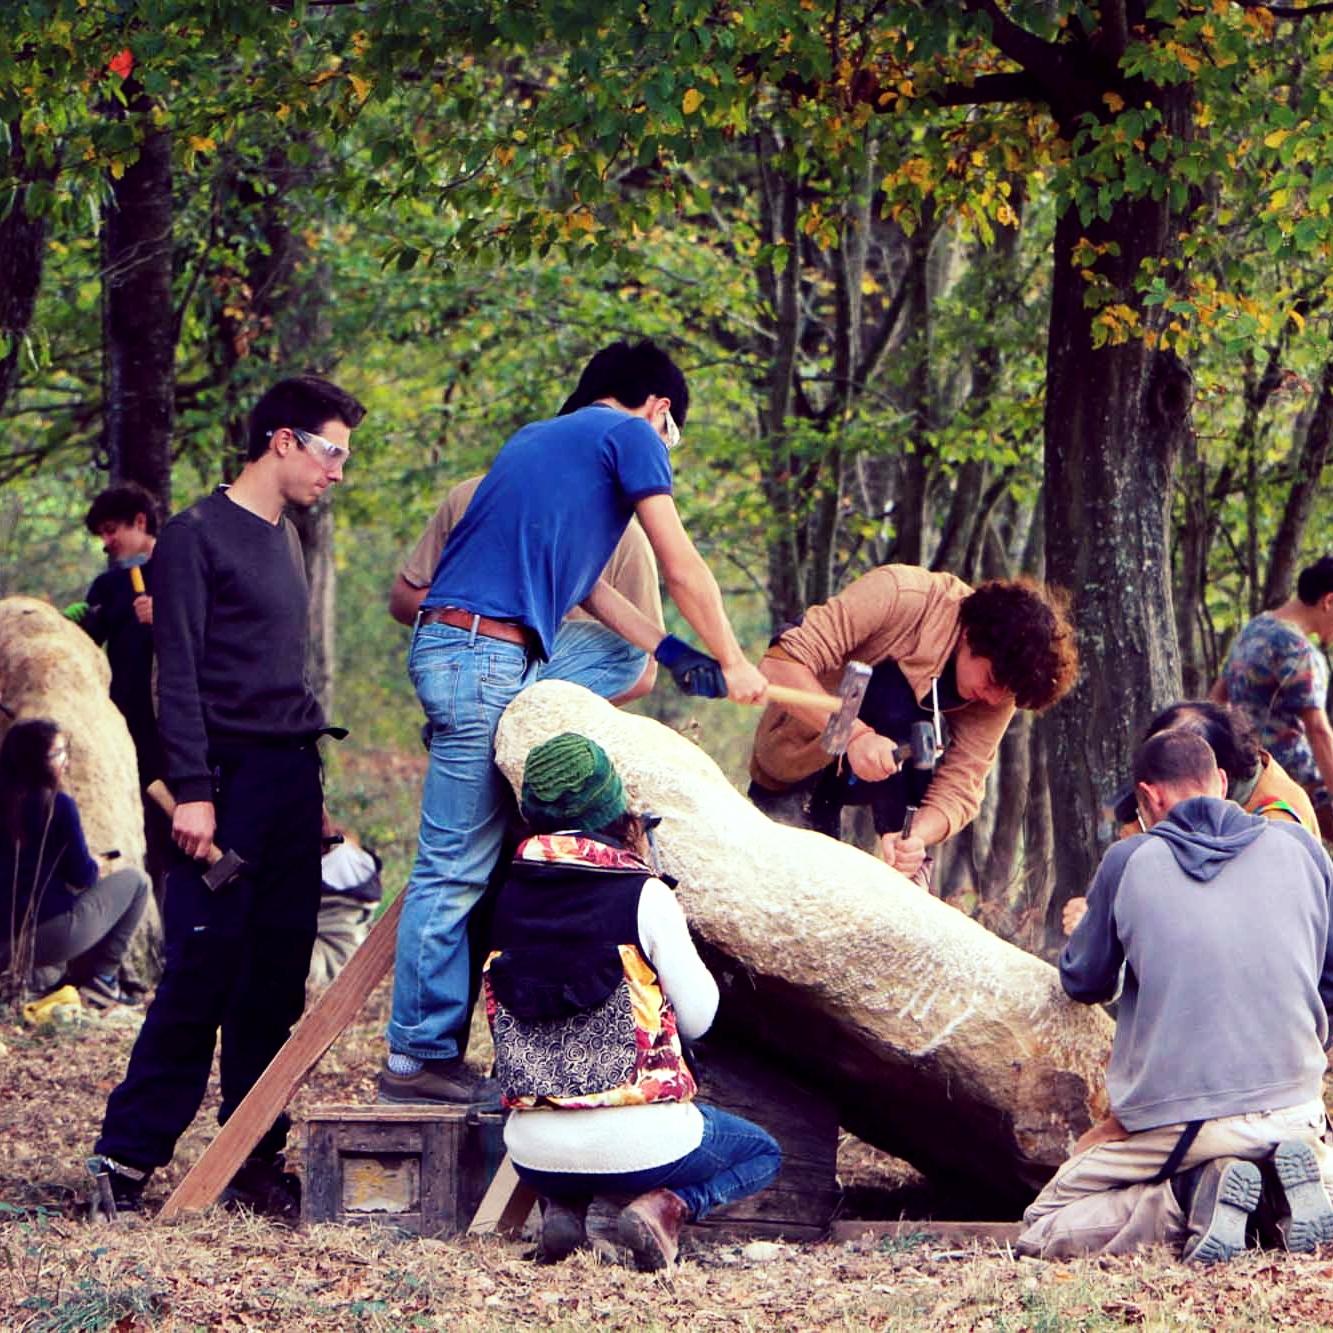 Un ande formation - Durant 30 semaines, d'octobre à juin, les étudiants rencontrent une grande variété de matières et de pratiques artistiques, à travers des cours délivrés par périodes. Des projets collectifs et individuels jalonnent le cours de l'année.